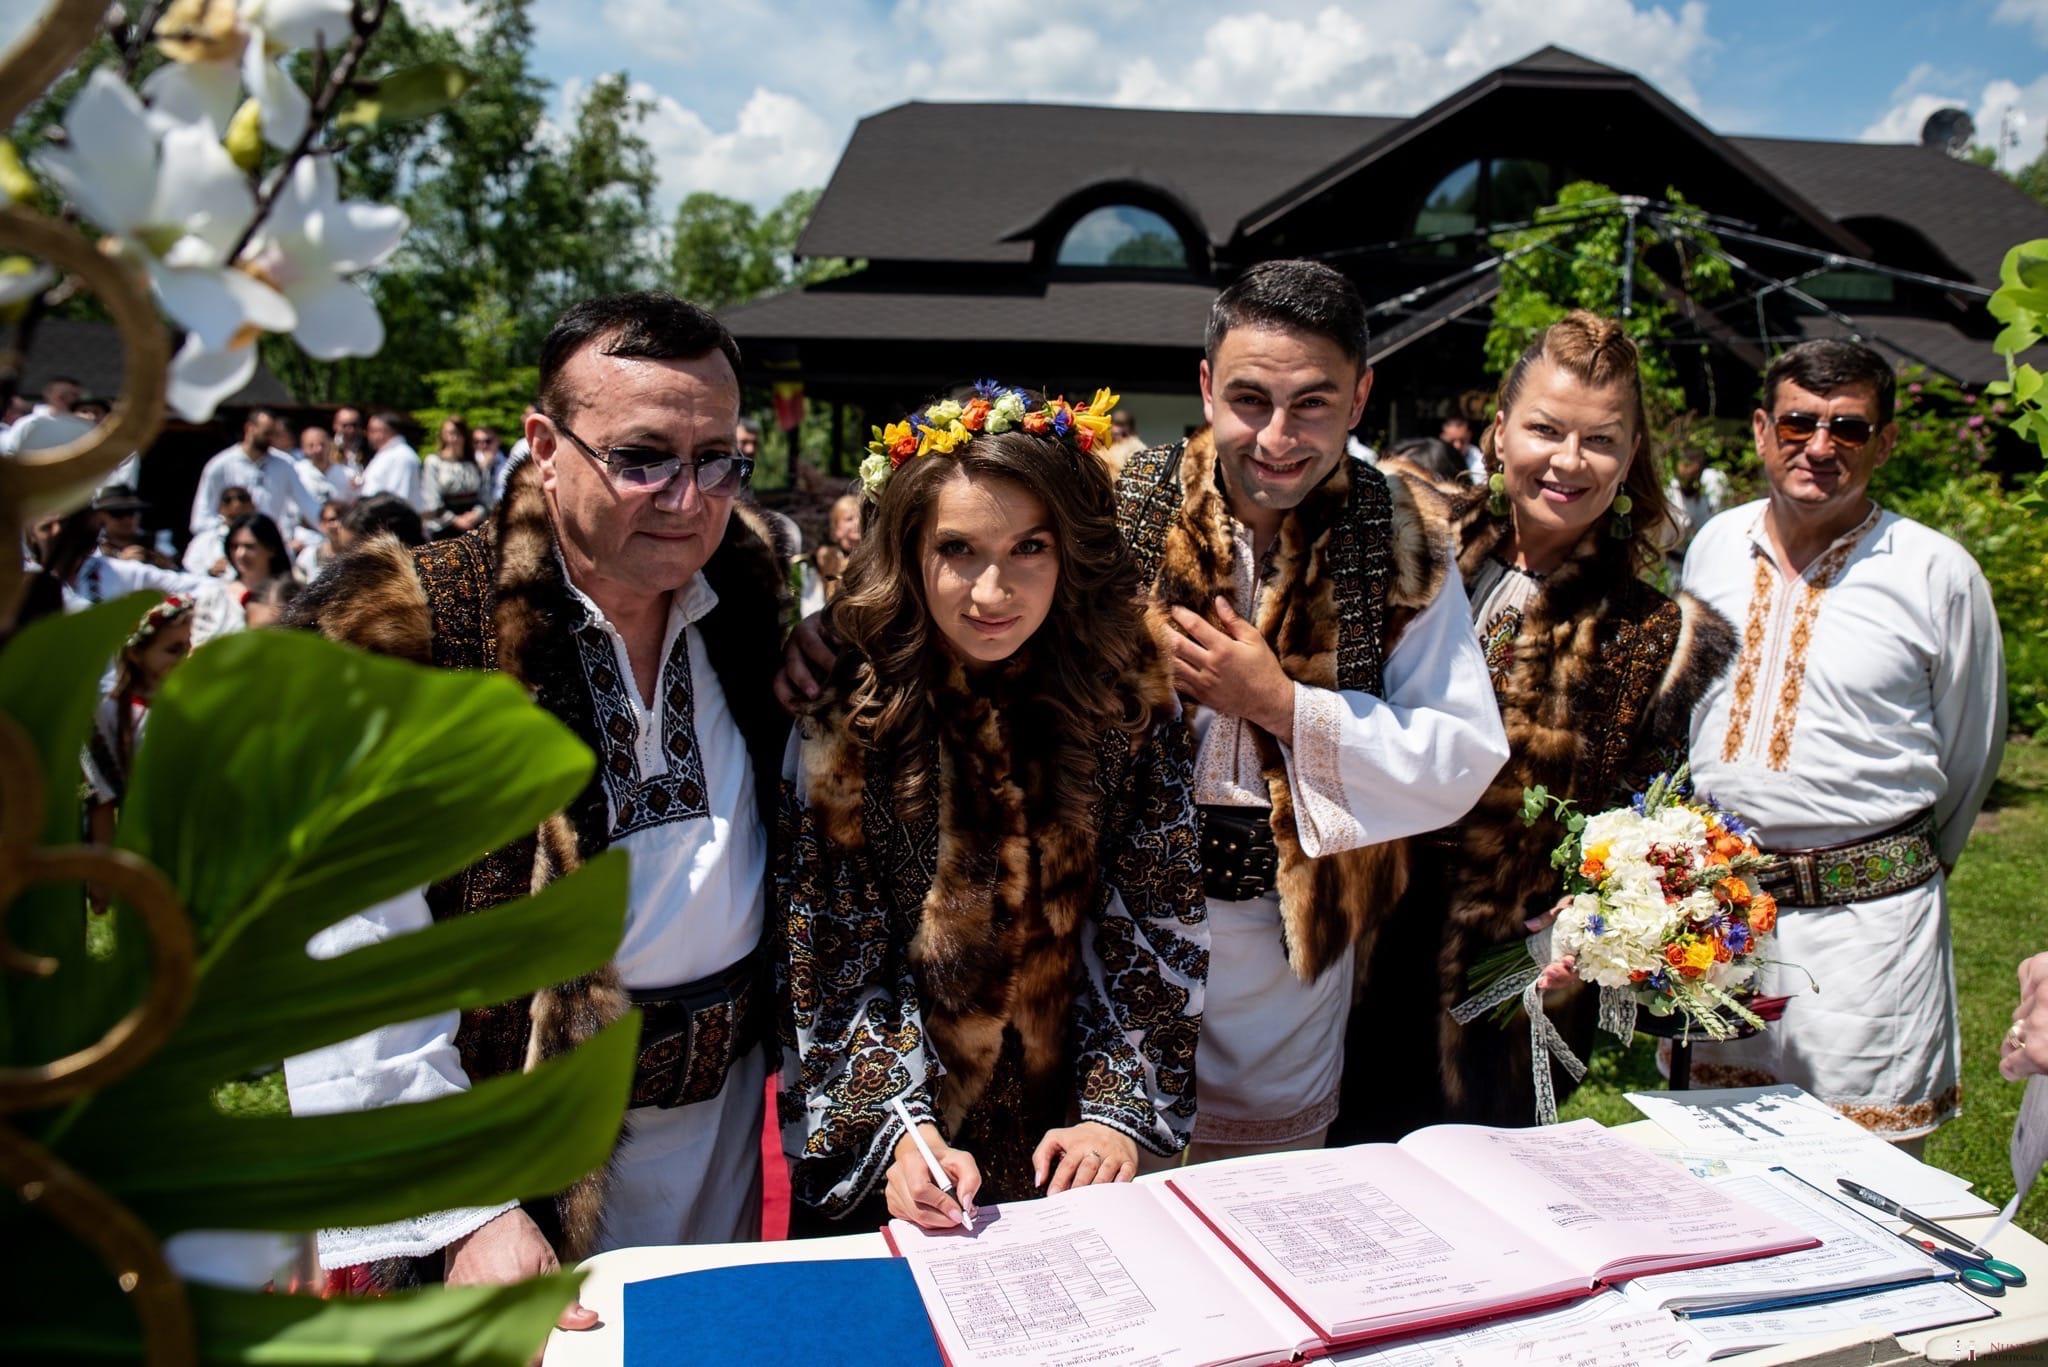 Povești Nunți Tradiționale - Irina și Alexandru, nuntă în Câmpulung Moldovenesc, Suceava 33